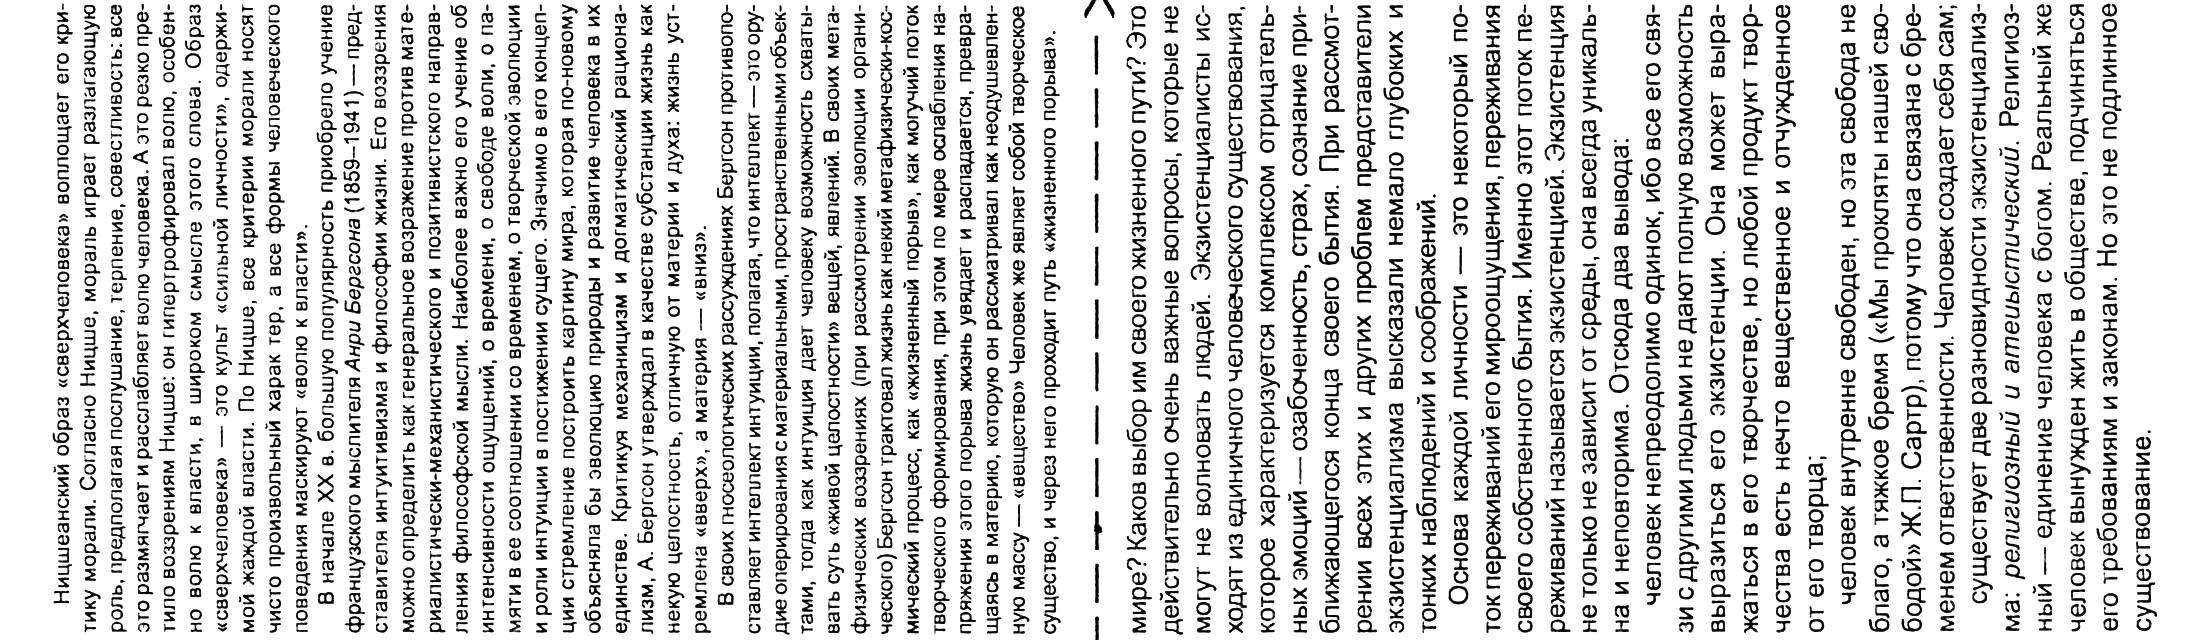 Шпоры по философии в схемах